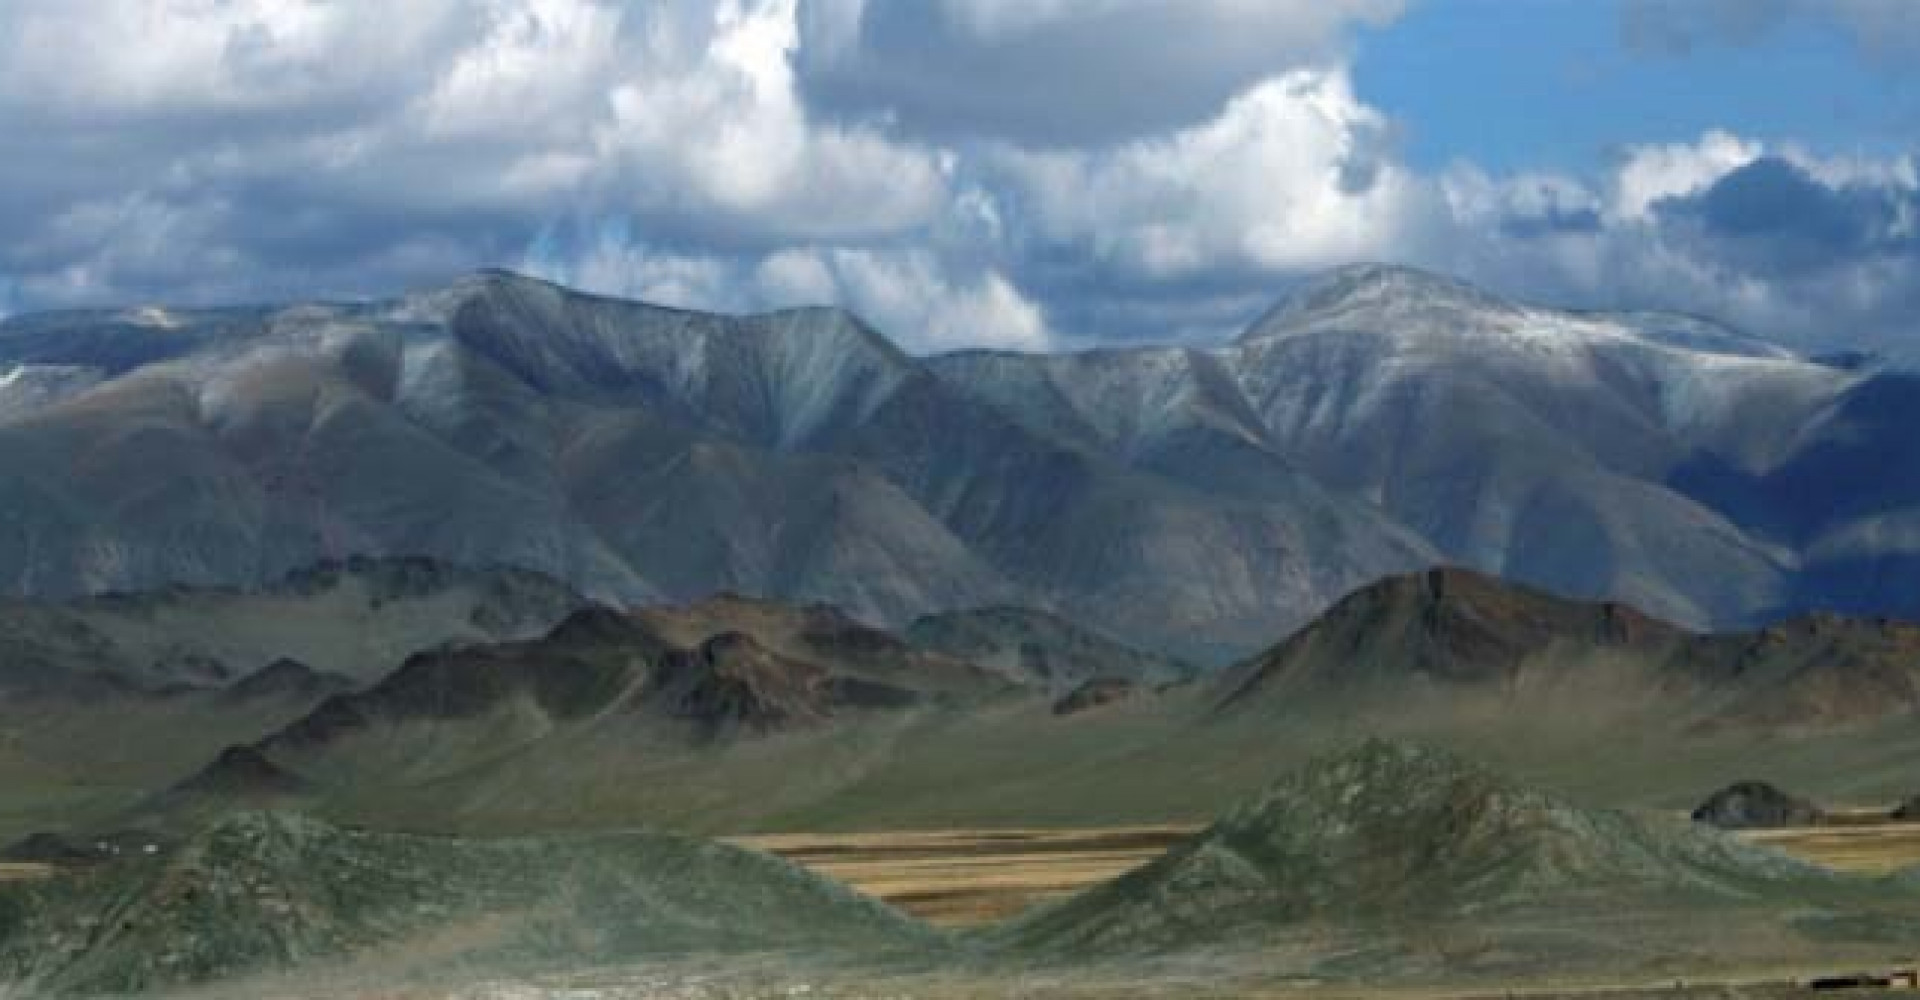 Khukh Serkhiin Nuruu Strictly Protected Area